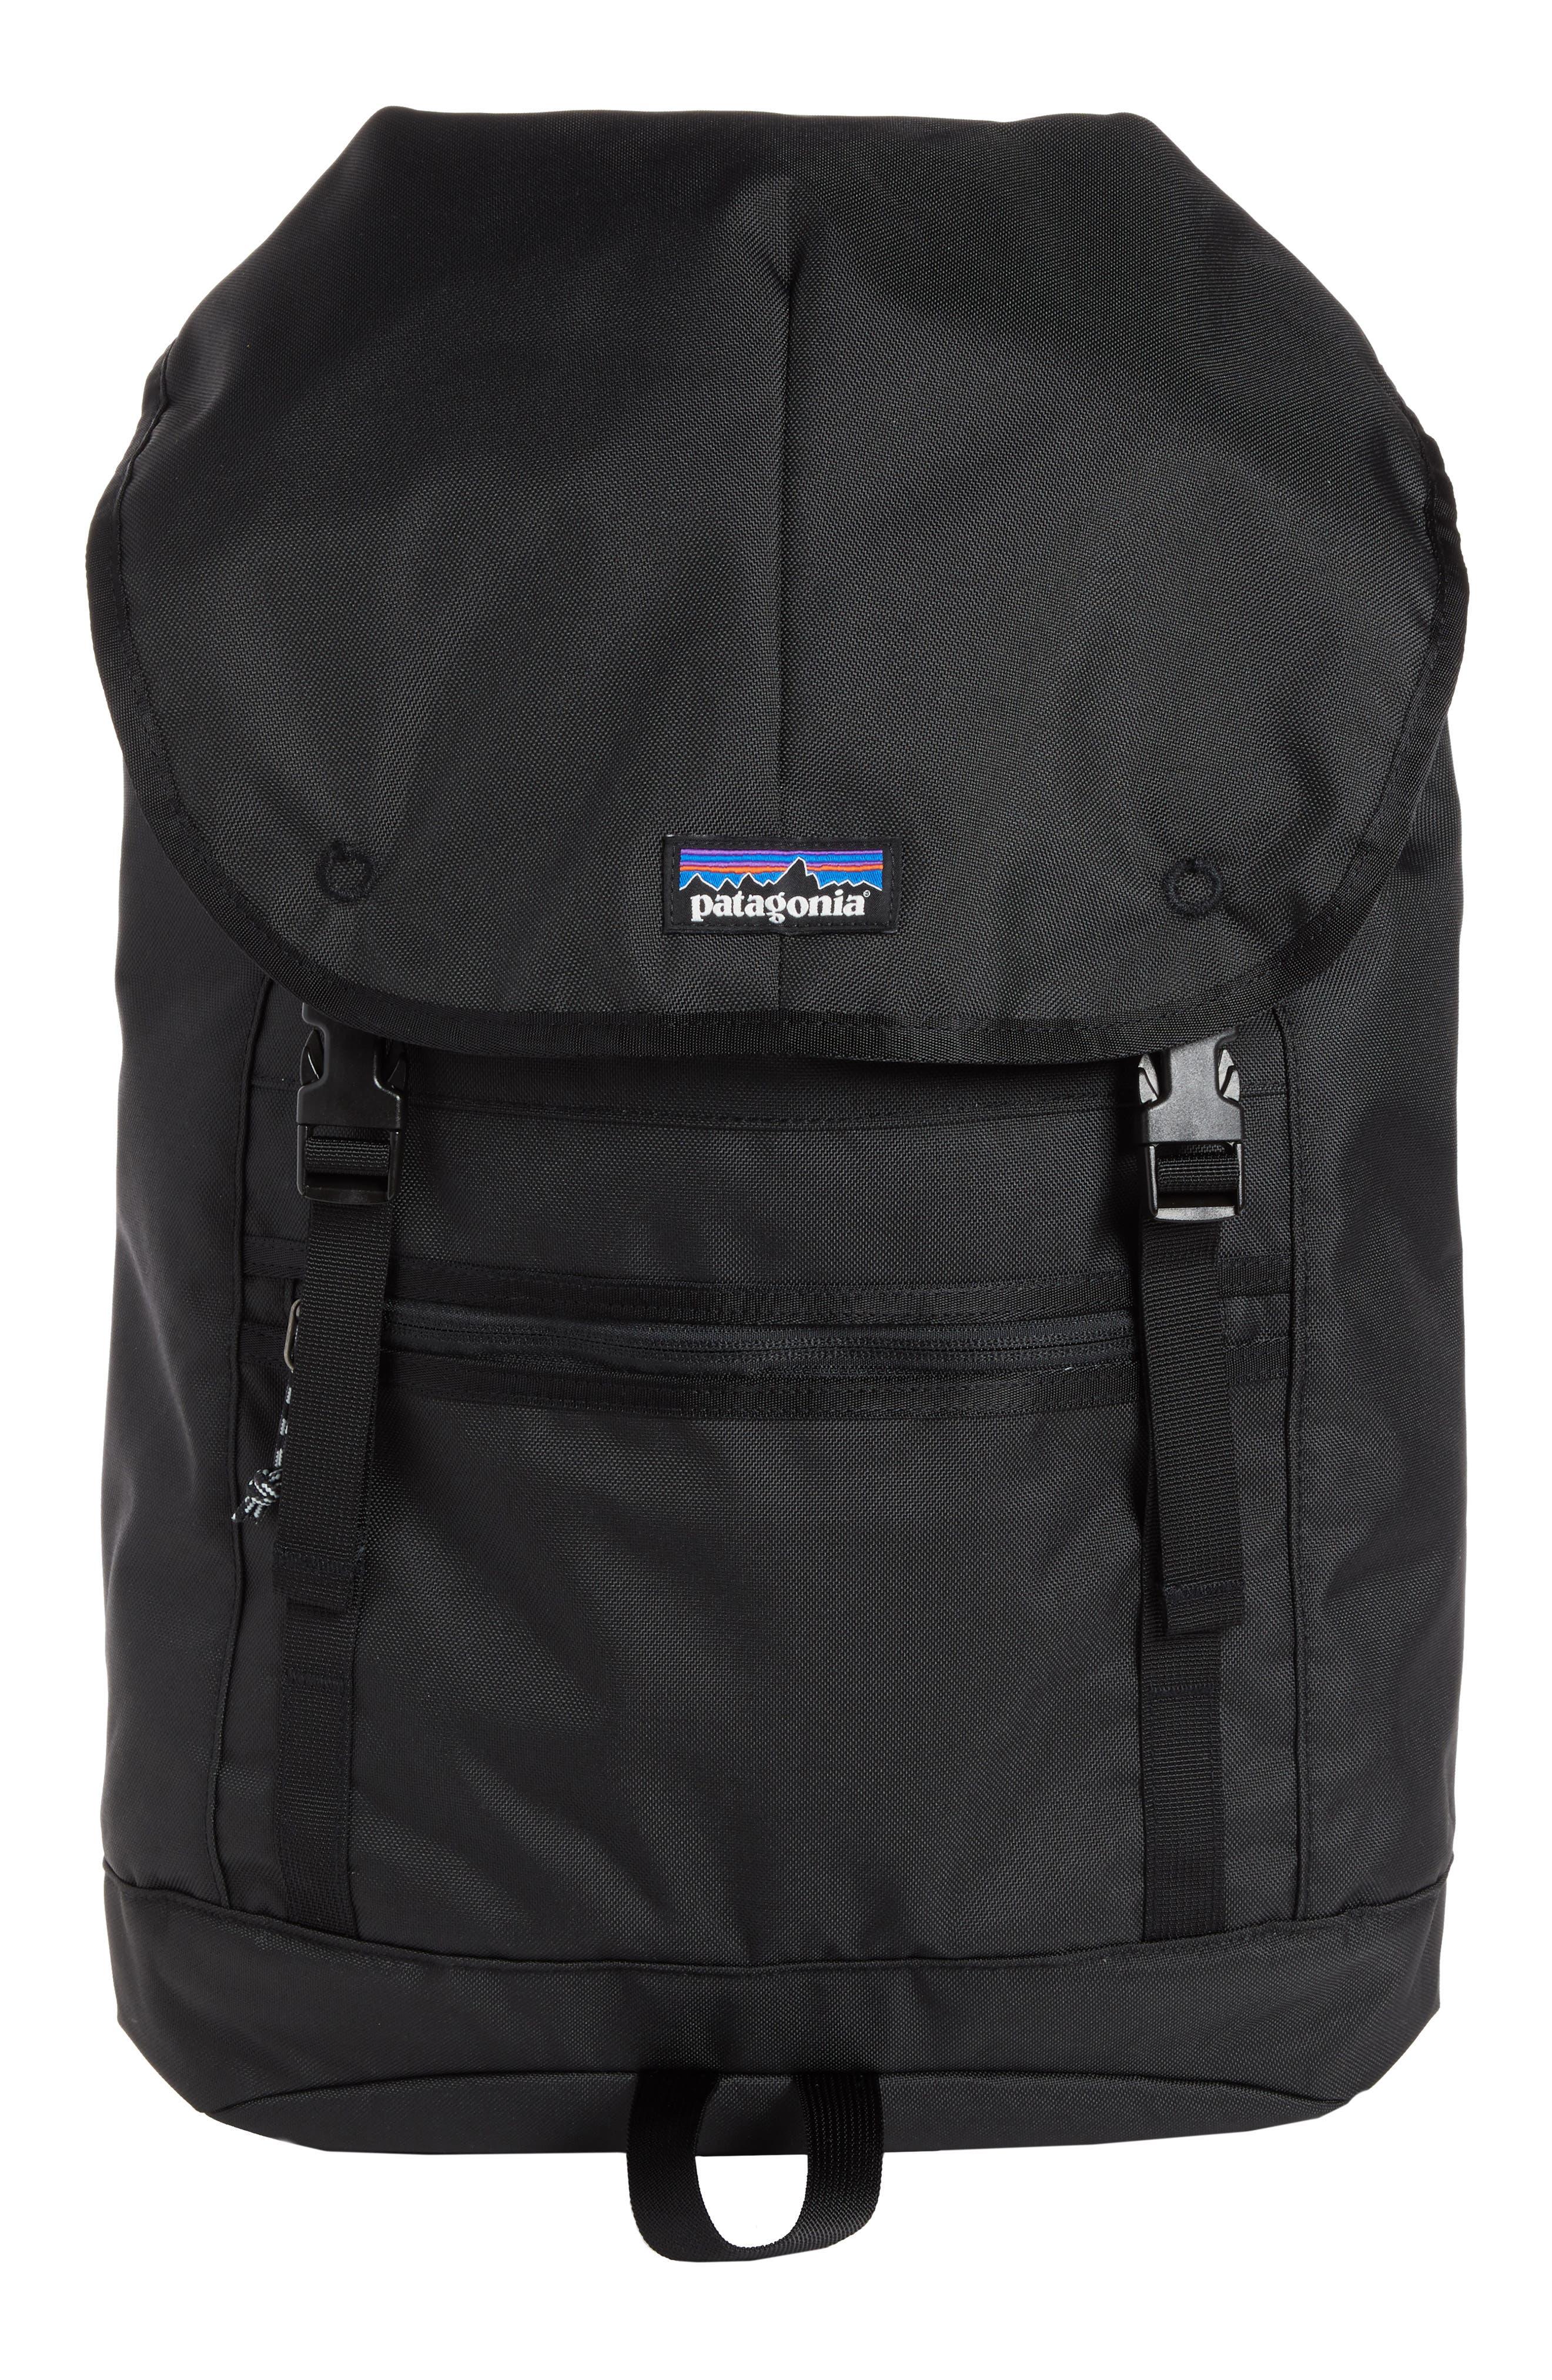 PATAGONIA Arbor 25-Liter Backpack, Main, color, 001